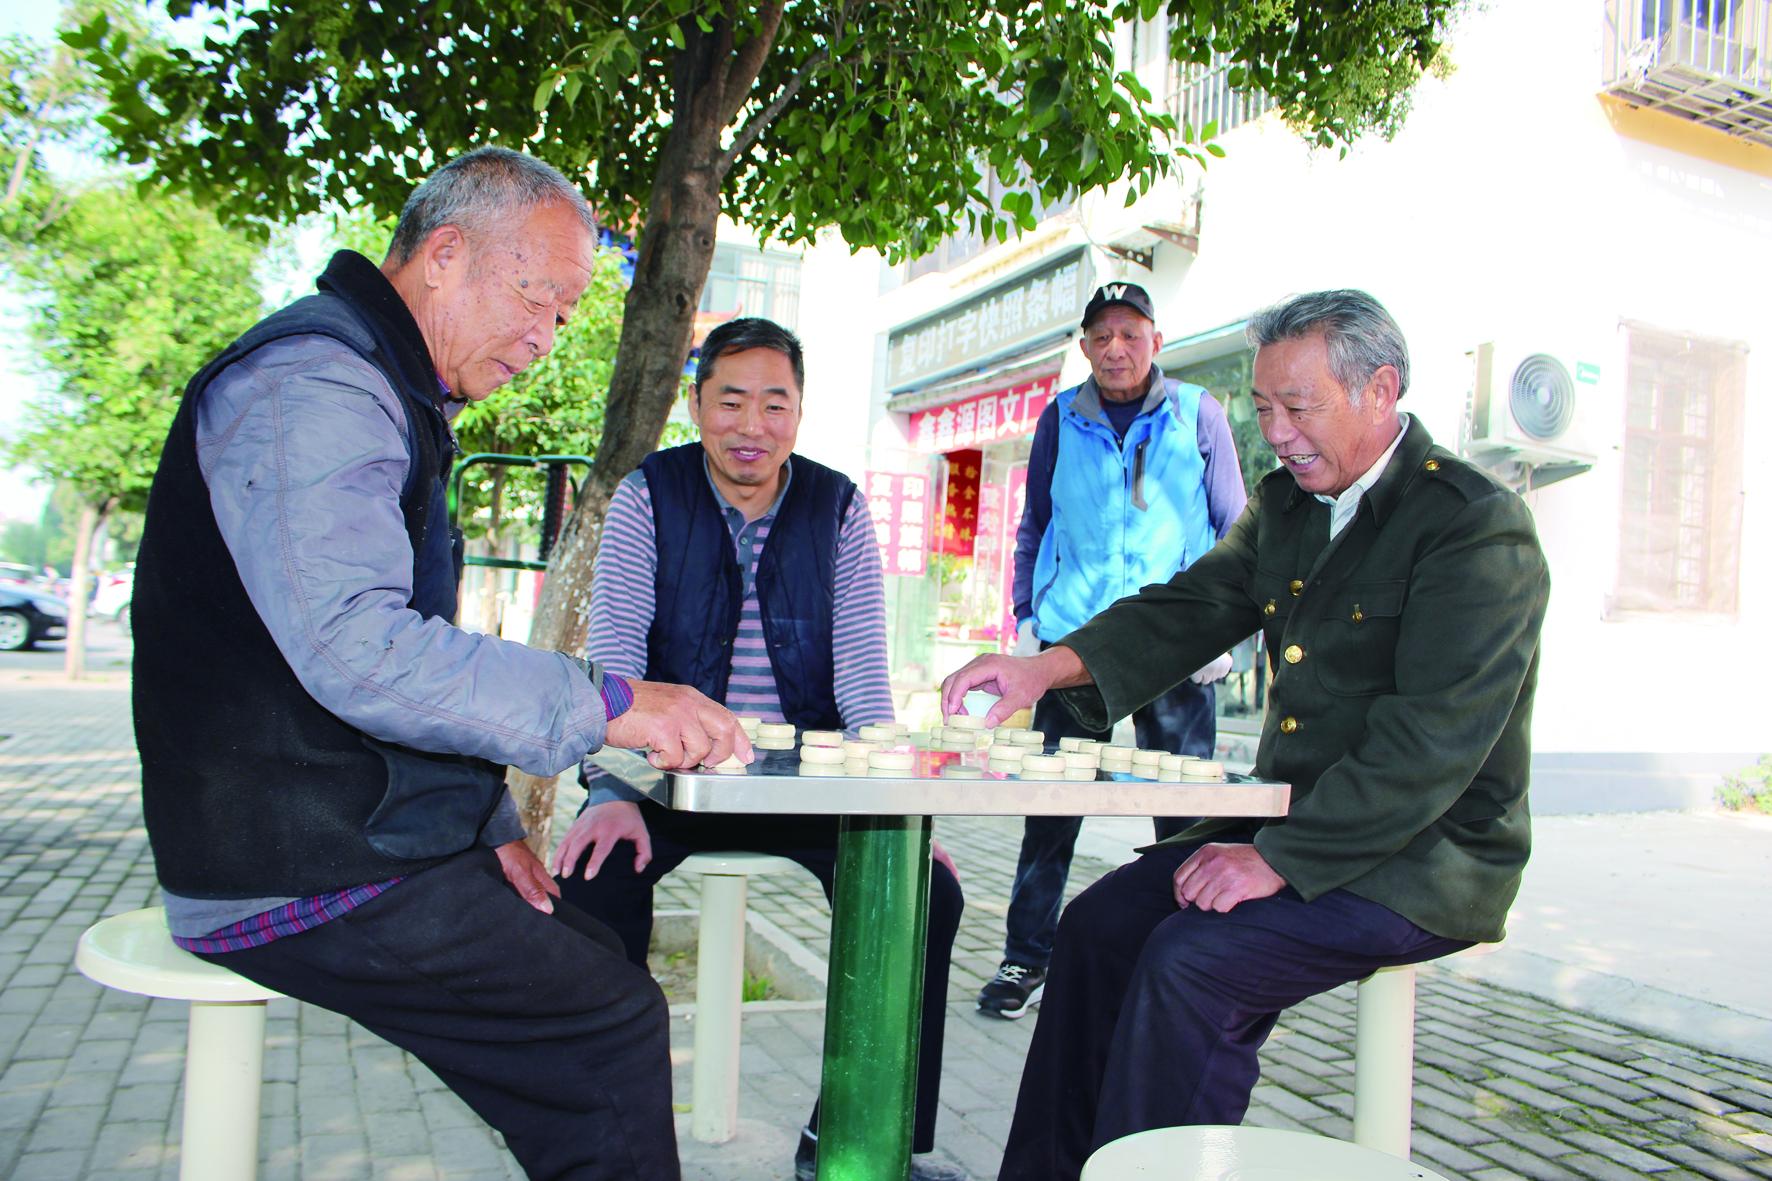 菊花社区居民在下象棋.jpg